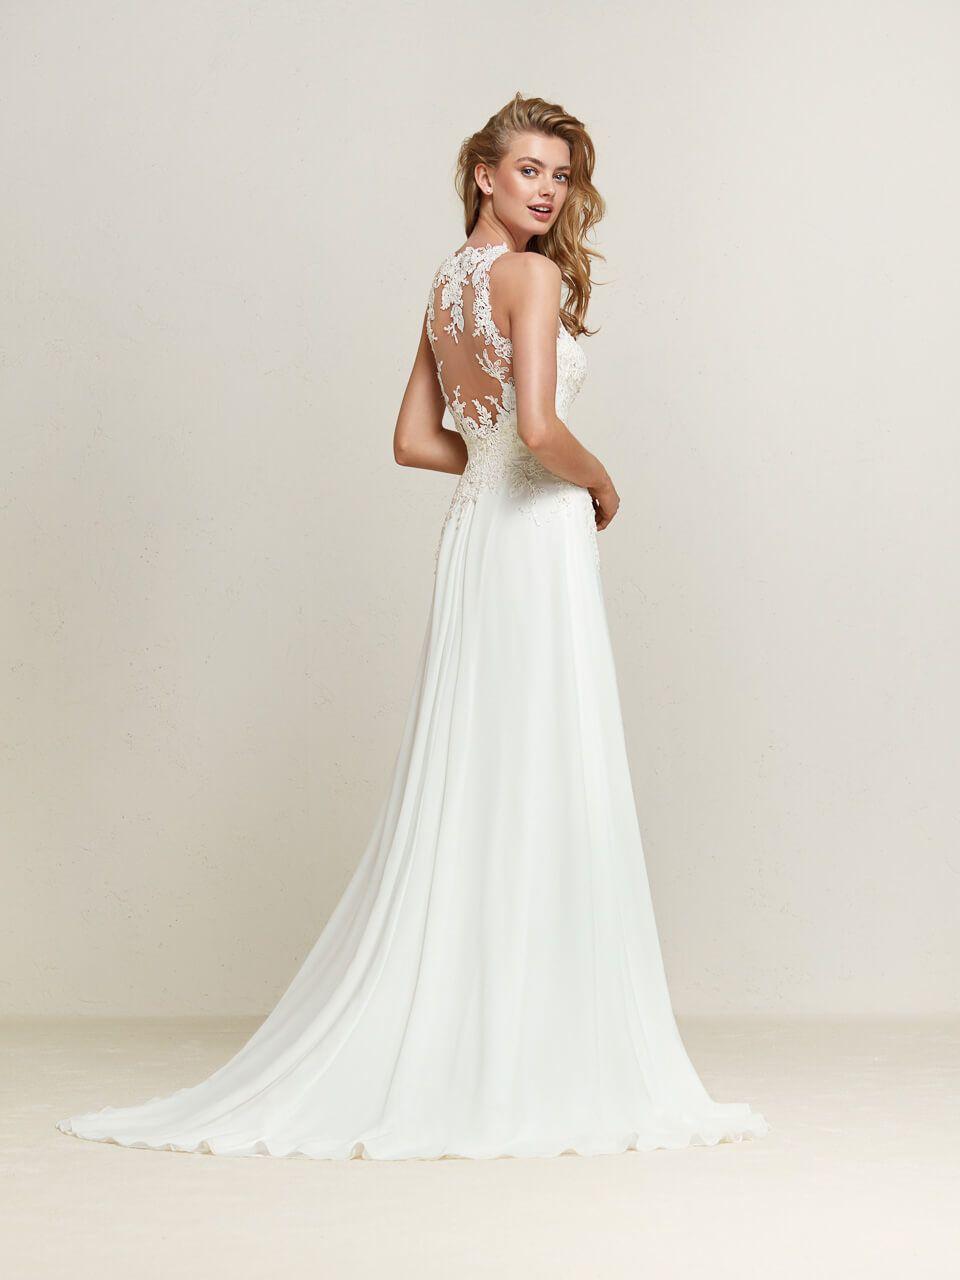 Erfreut Hochzeitskleid Entwirft Galerie - Brautkleider Ideen ...